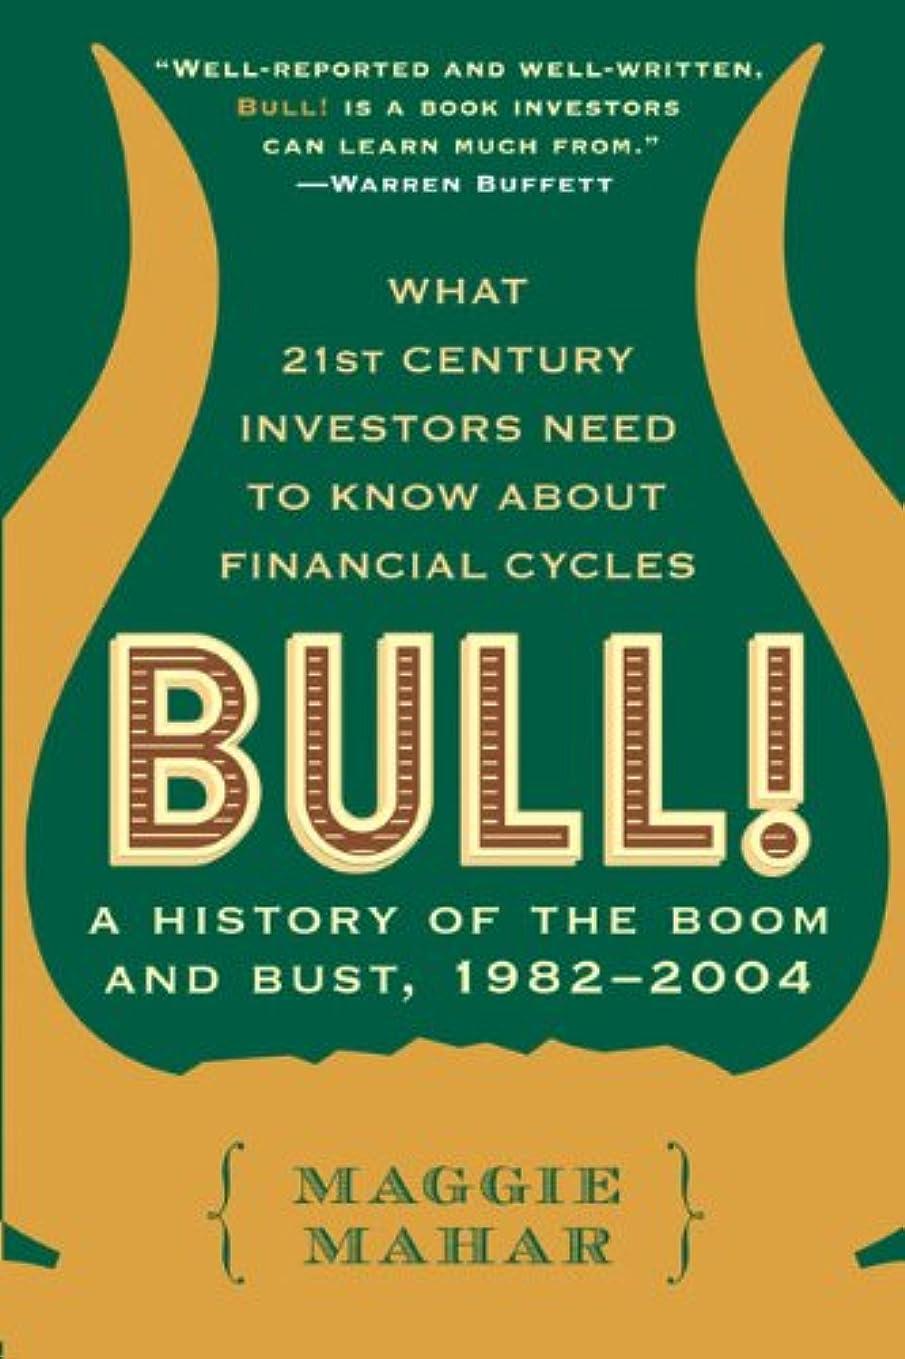 増幅不合格不確実Bull!: A History of the Boom and Bust, 1982-2004 (English Edition)